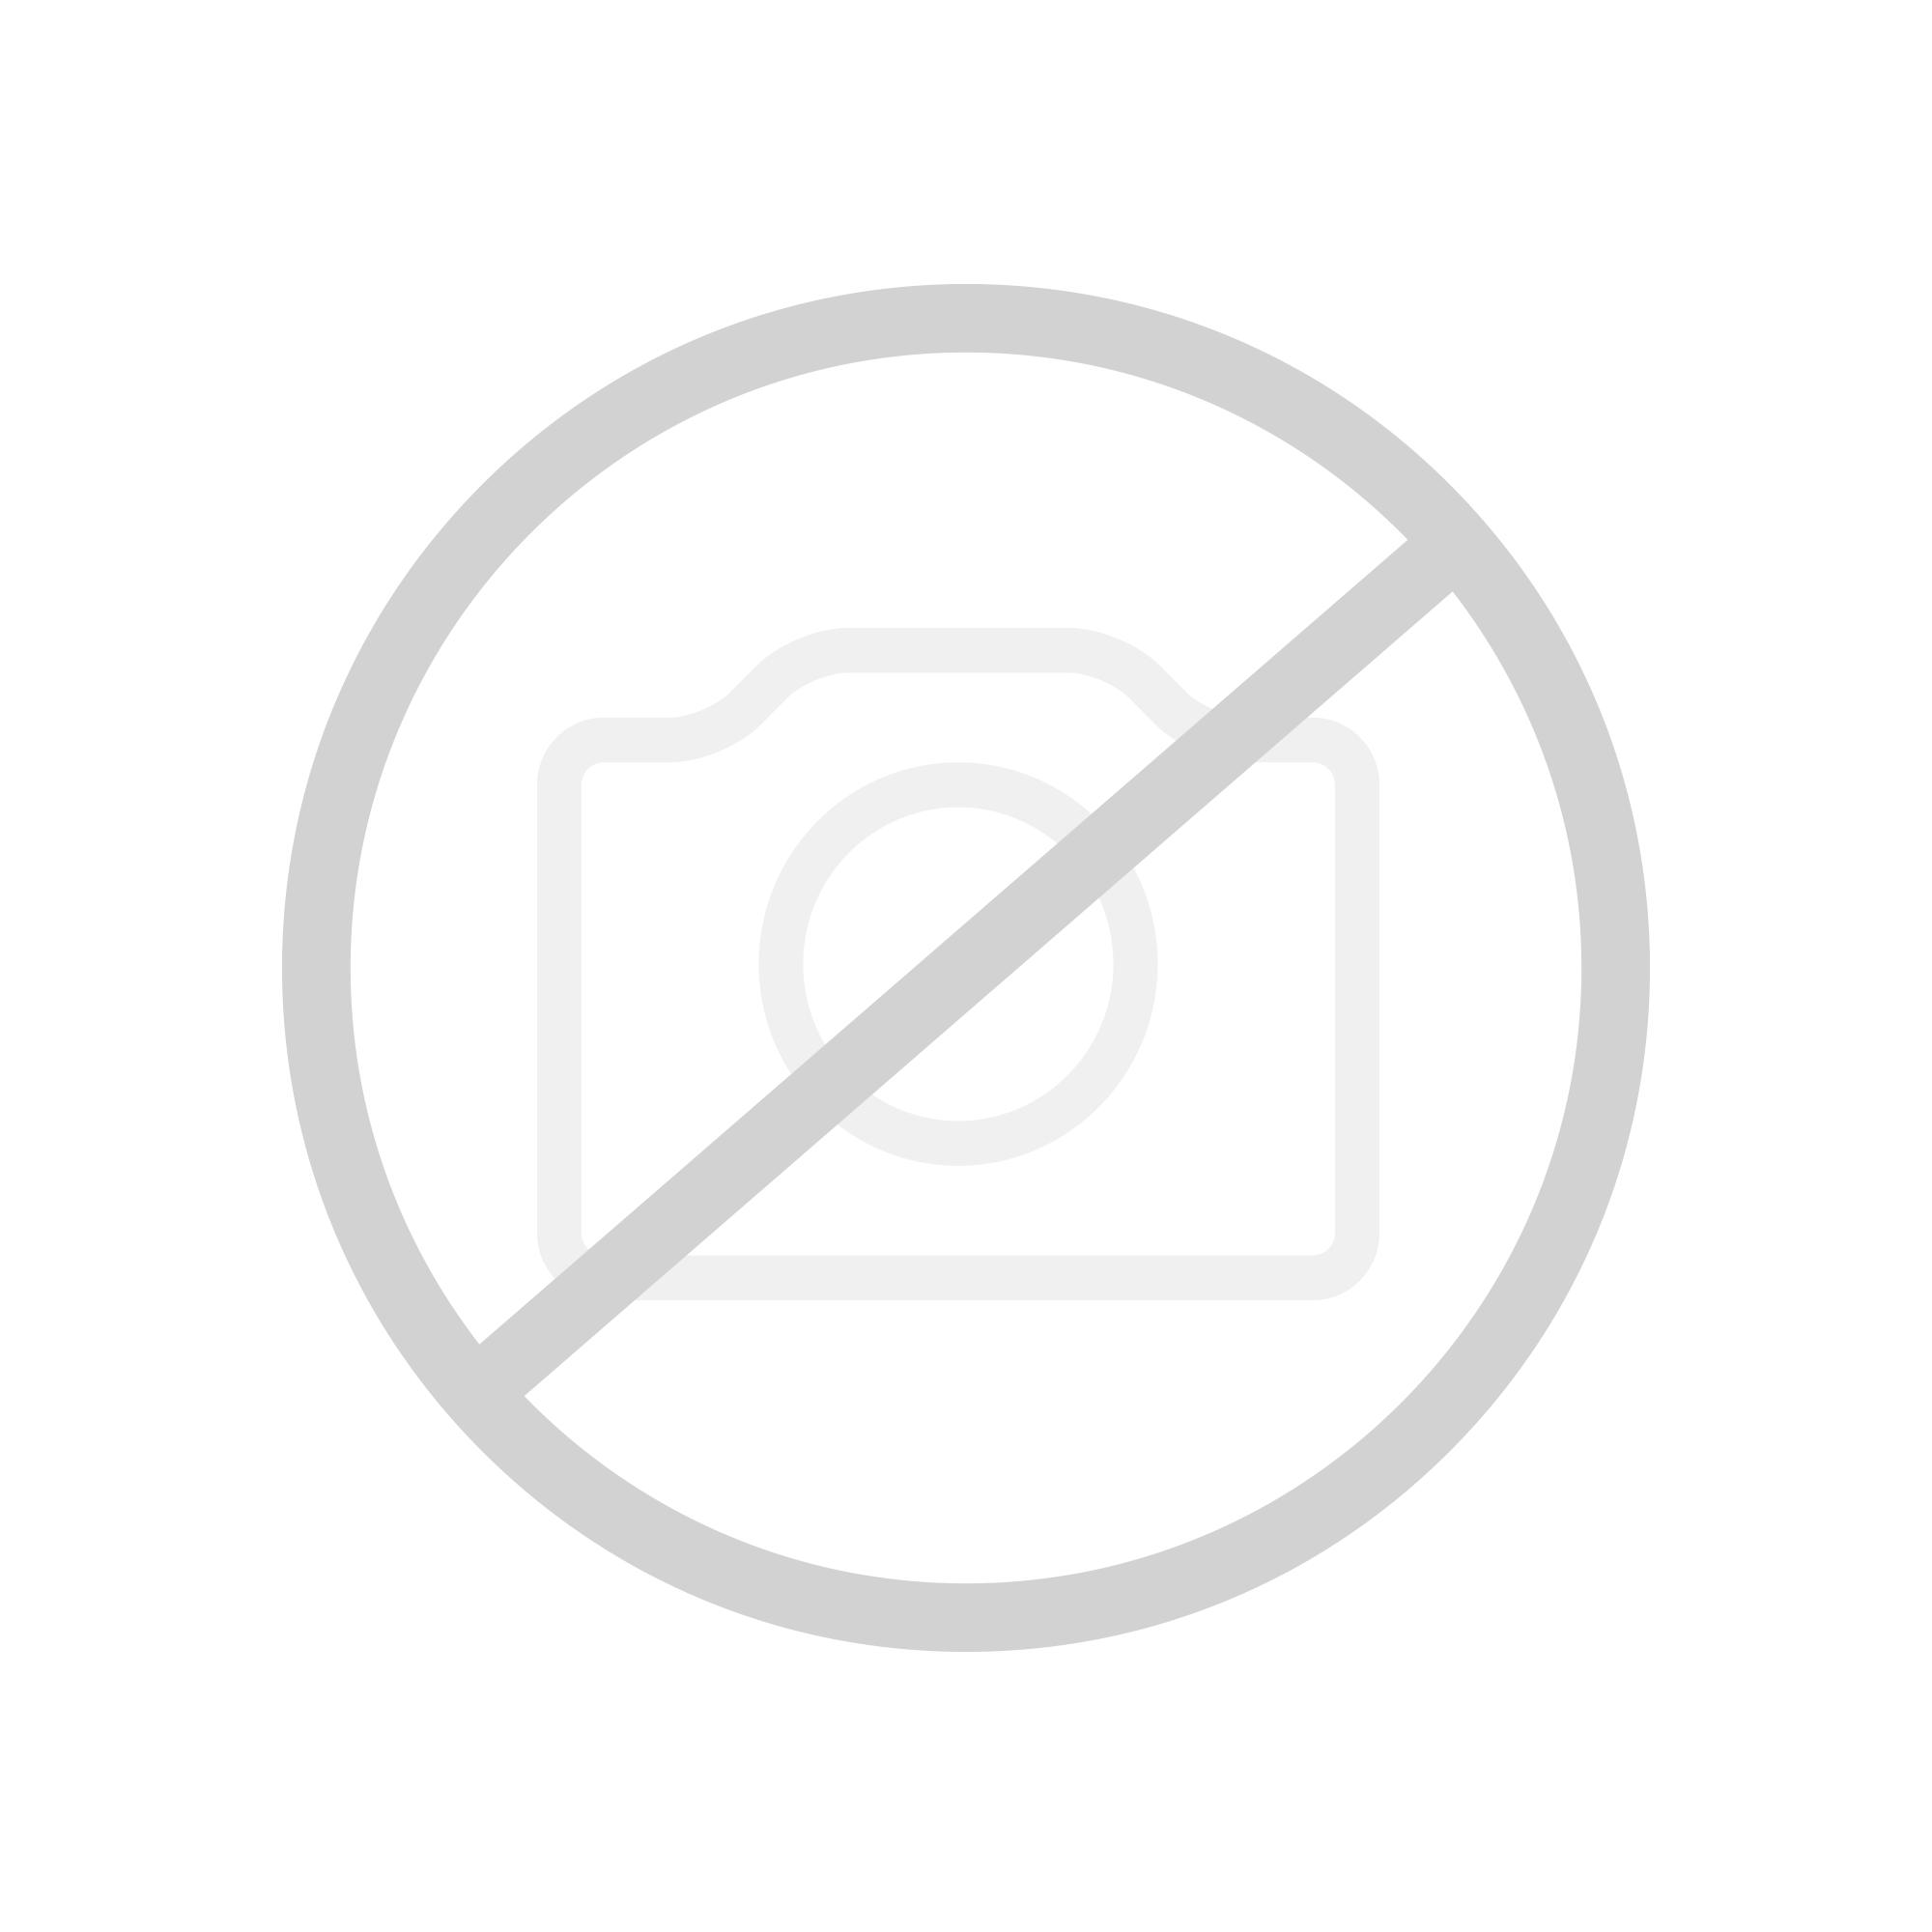 Bäder In Grautönen Einrichten - So Geht's | Reuter Magazin Graues Badezimmer